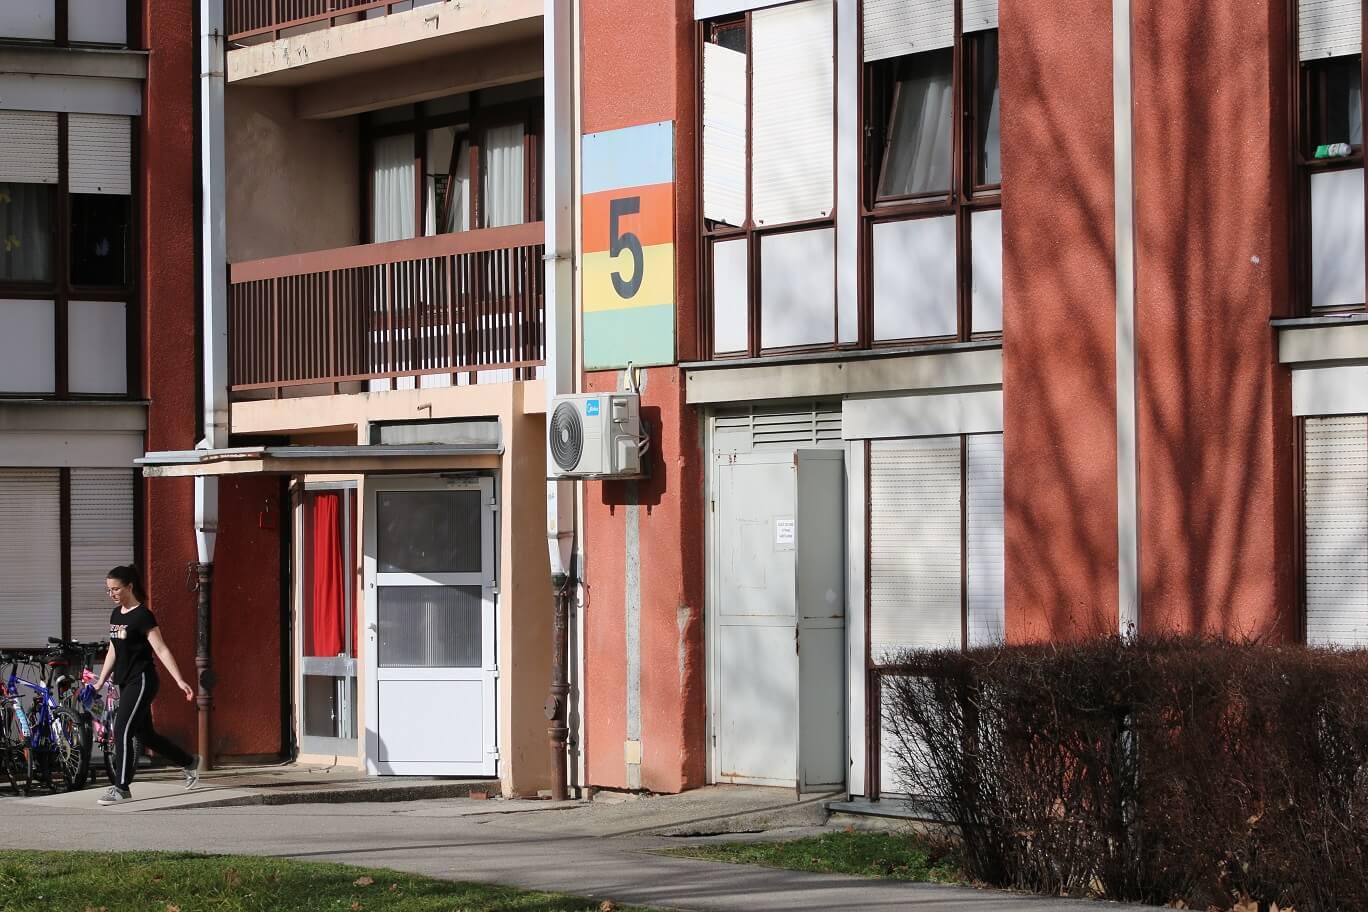 SC ne zna koliki im je kapacitet studentskih domova u Zagrebu, a rezultati natječaja za desetak dana